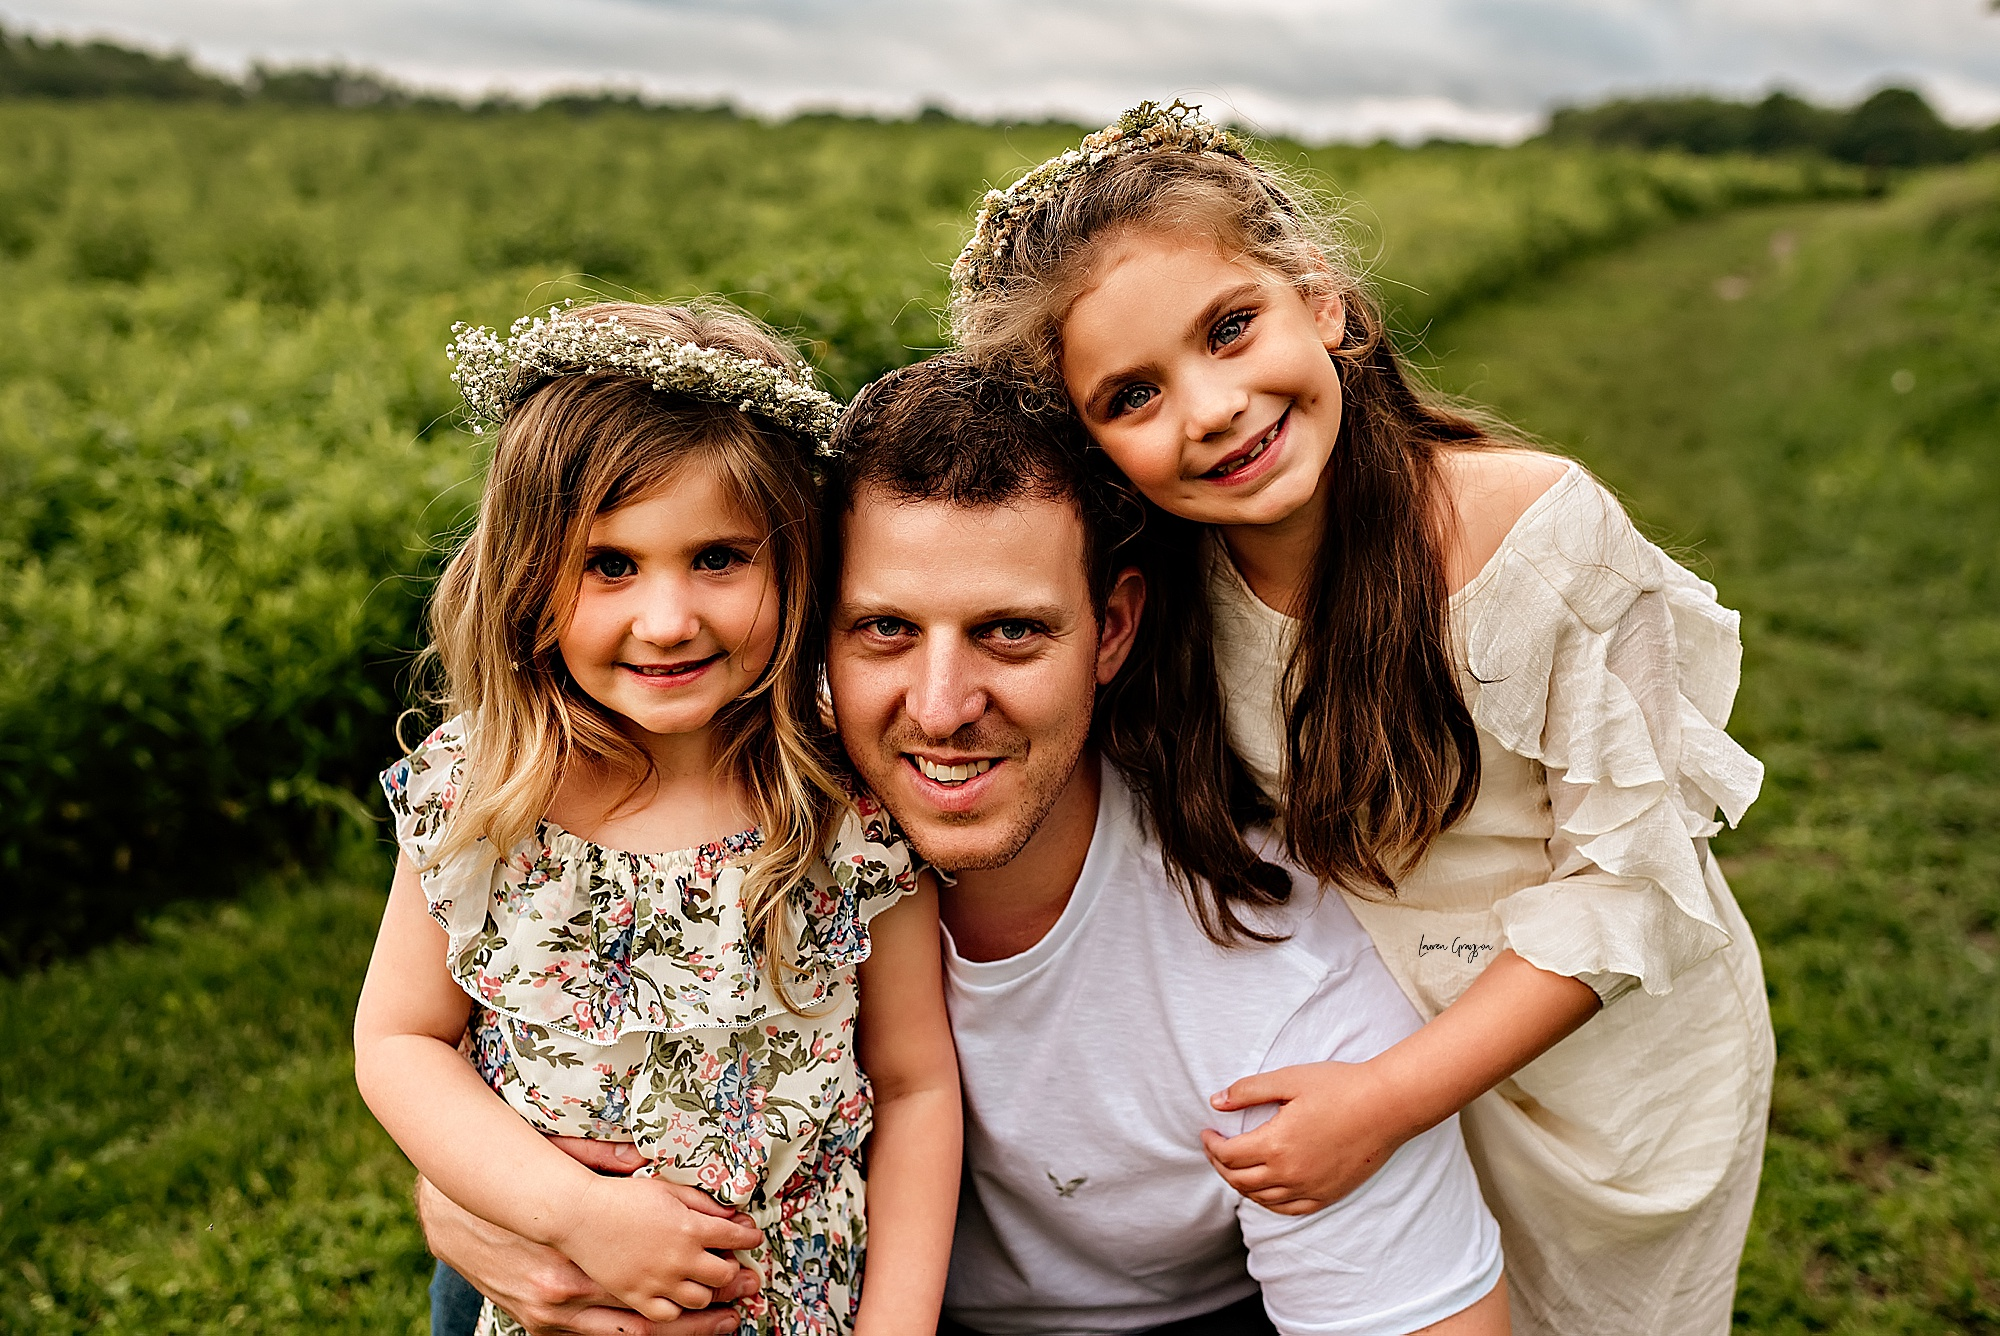 lauren-grayson-photography-akron-ridenour-family-summer-fields-sunset-session_0012.jpg